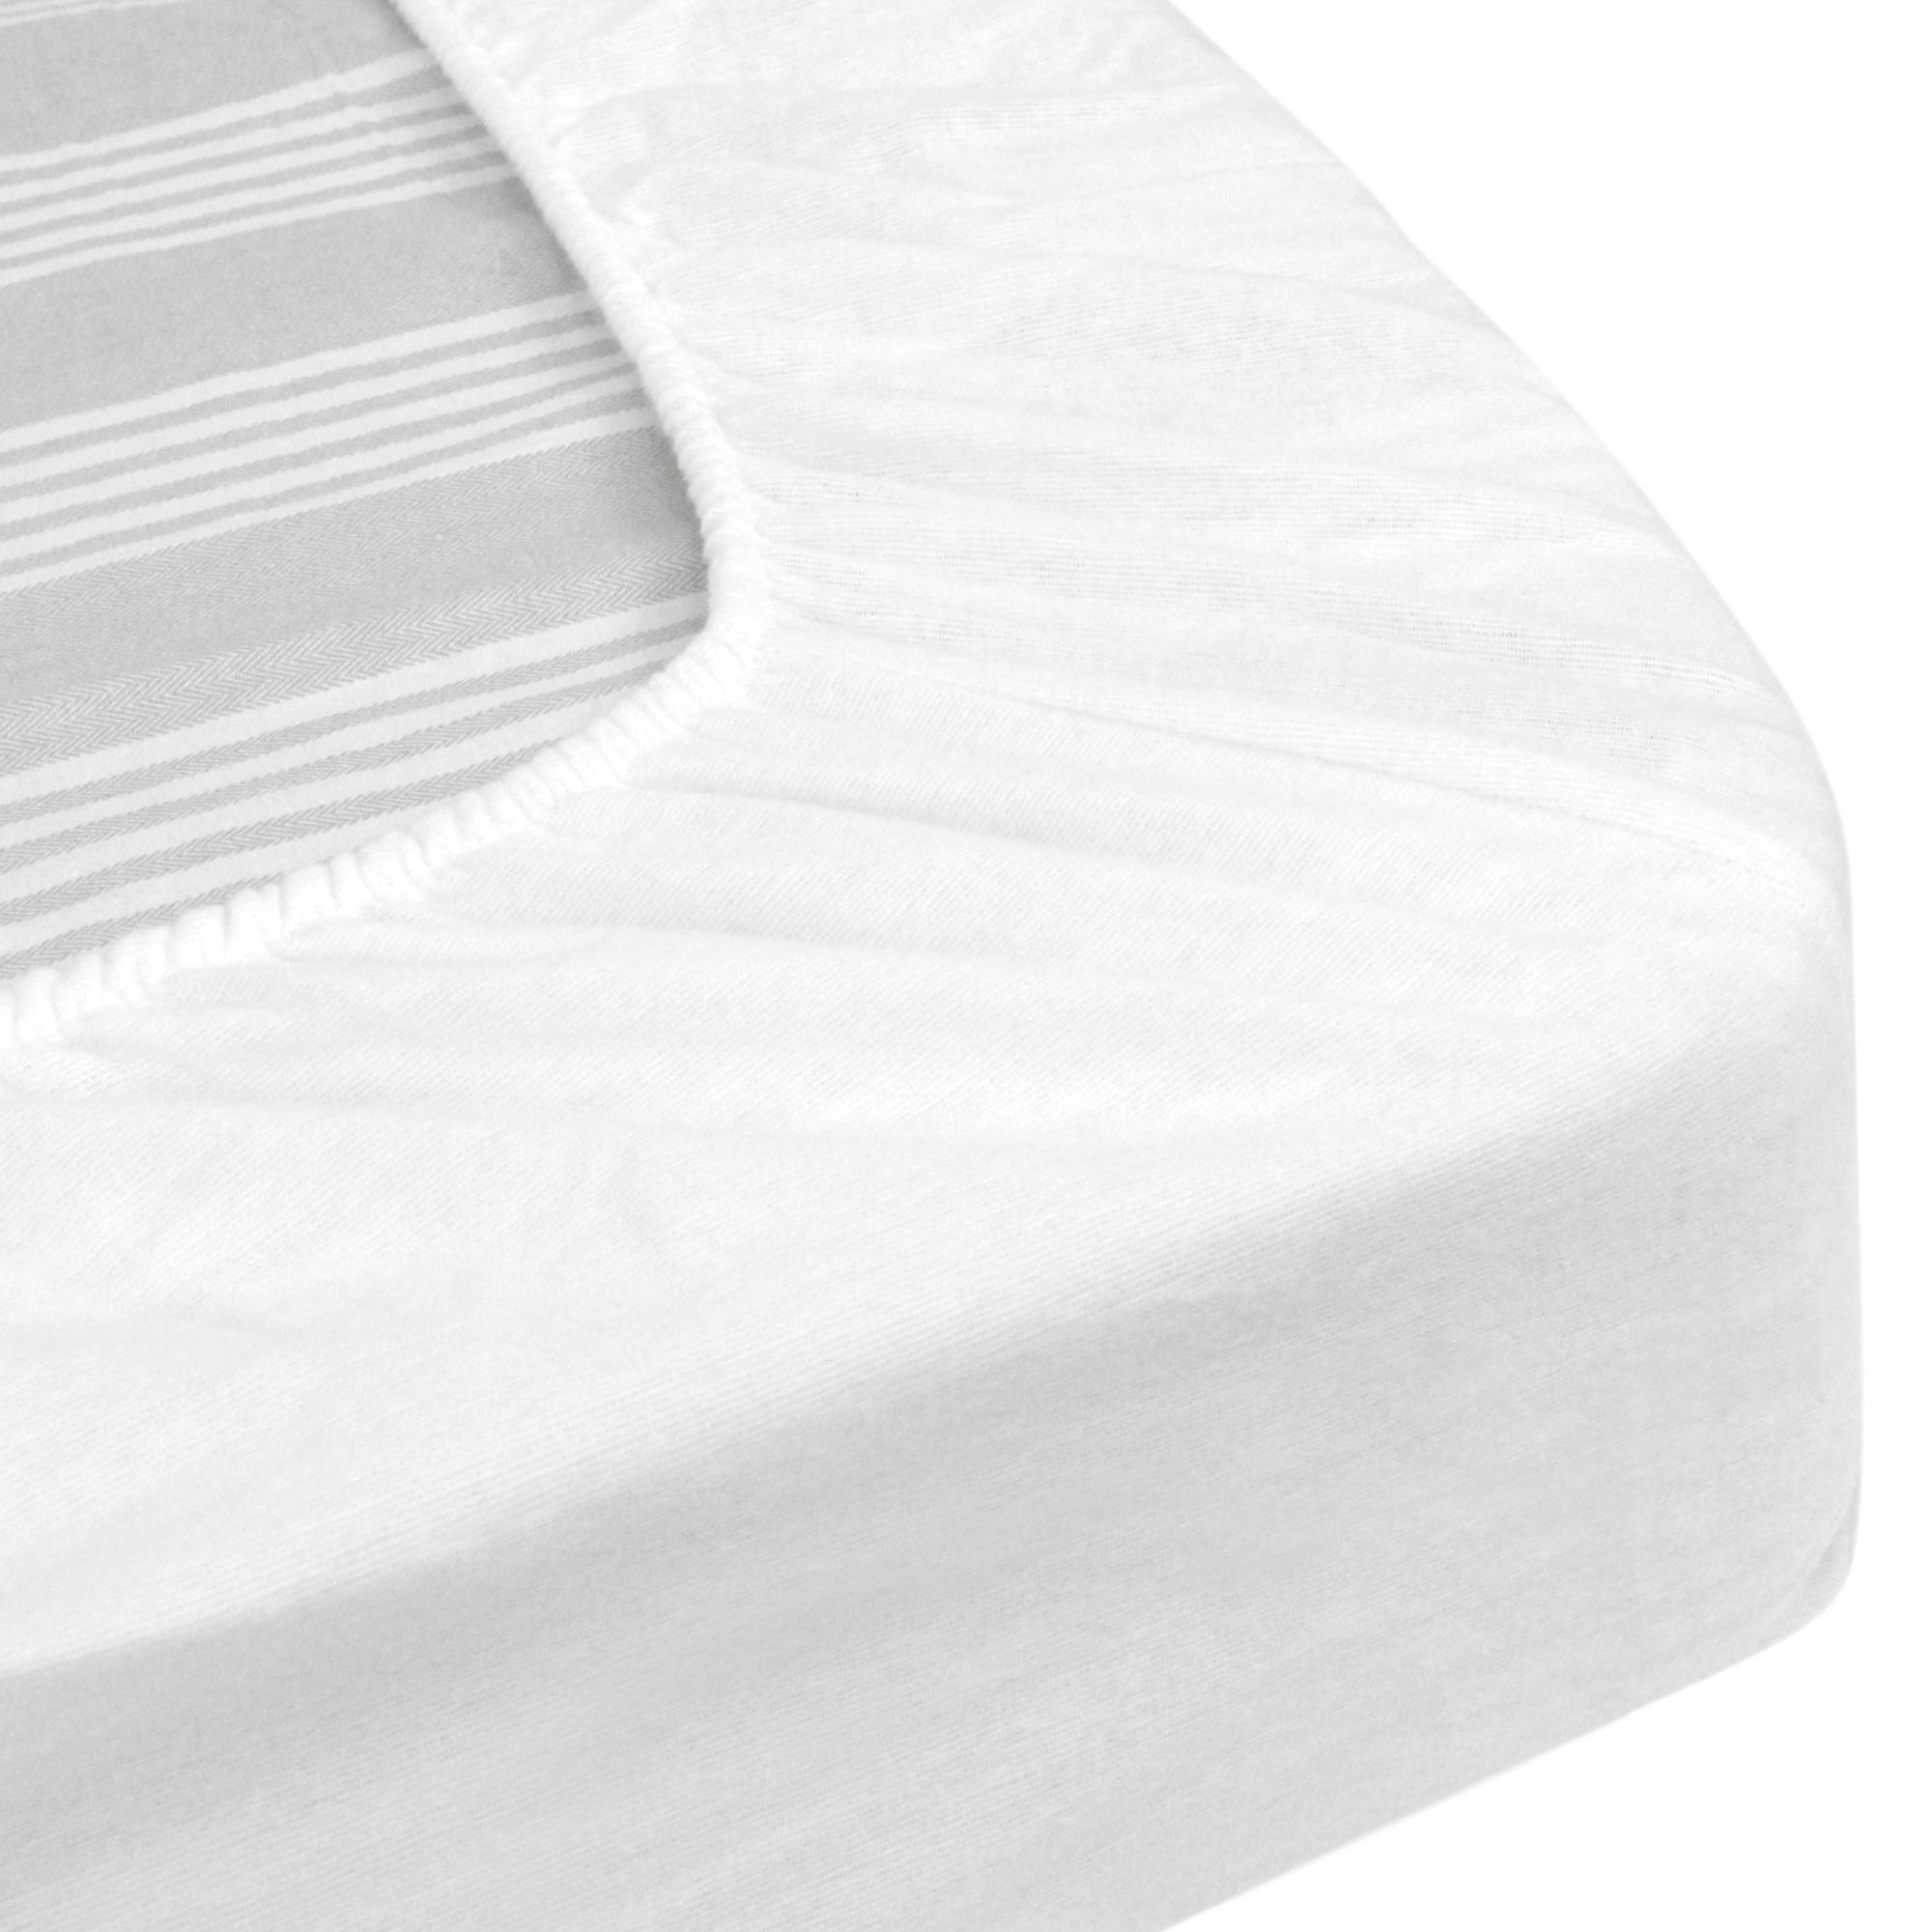 prot ge matelas imperm able 220x220 cm bonnet 23cm arnon molleton 100 coton contrecoll. Black Bedroom Furniture Sets. Home Design Ideas